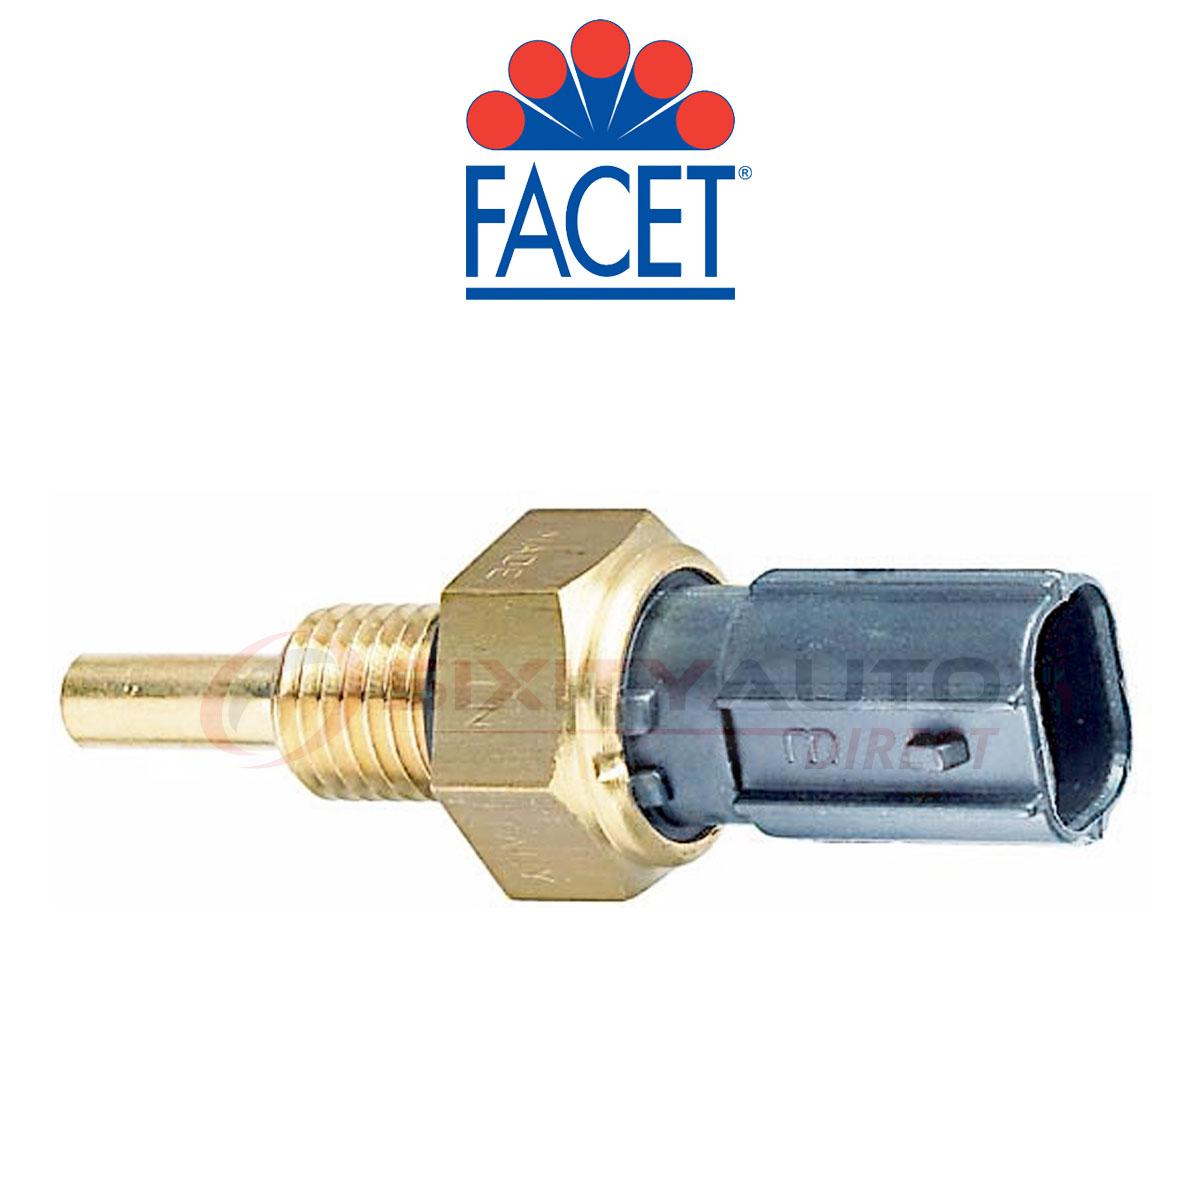 Facet Coolant Temperature Sensor For 2003-2006 Acura MDX